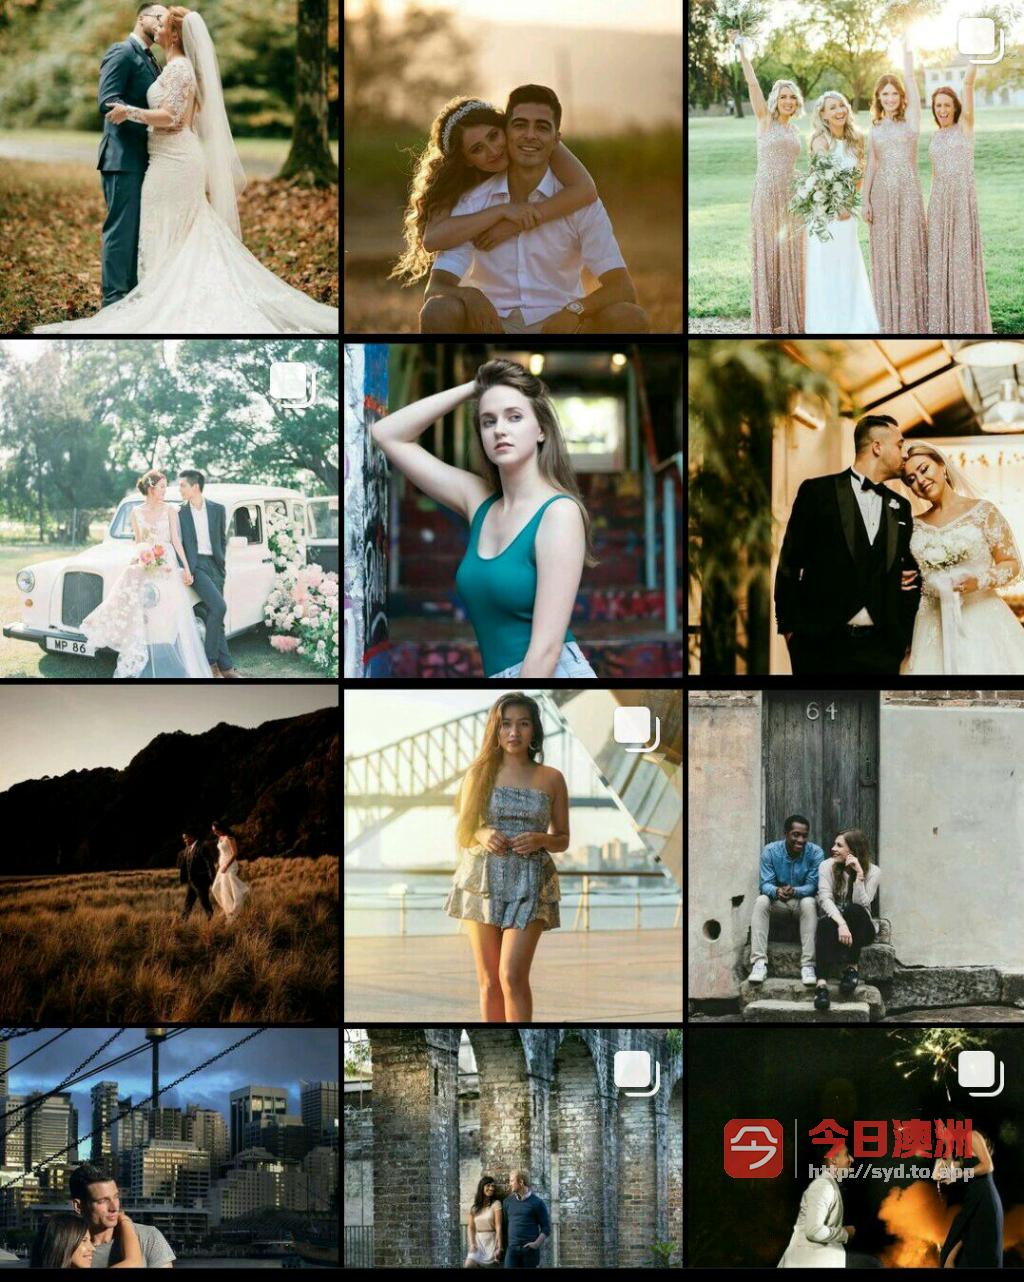 200 婚礼写真摄影